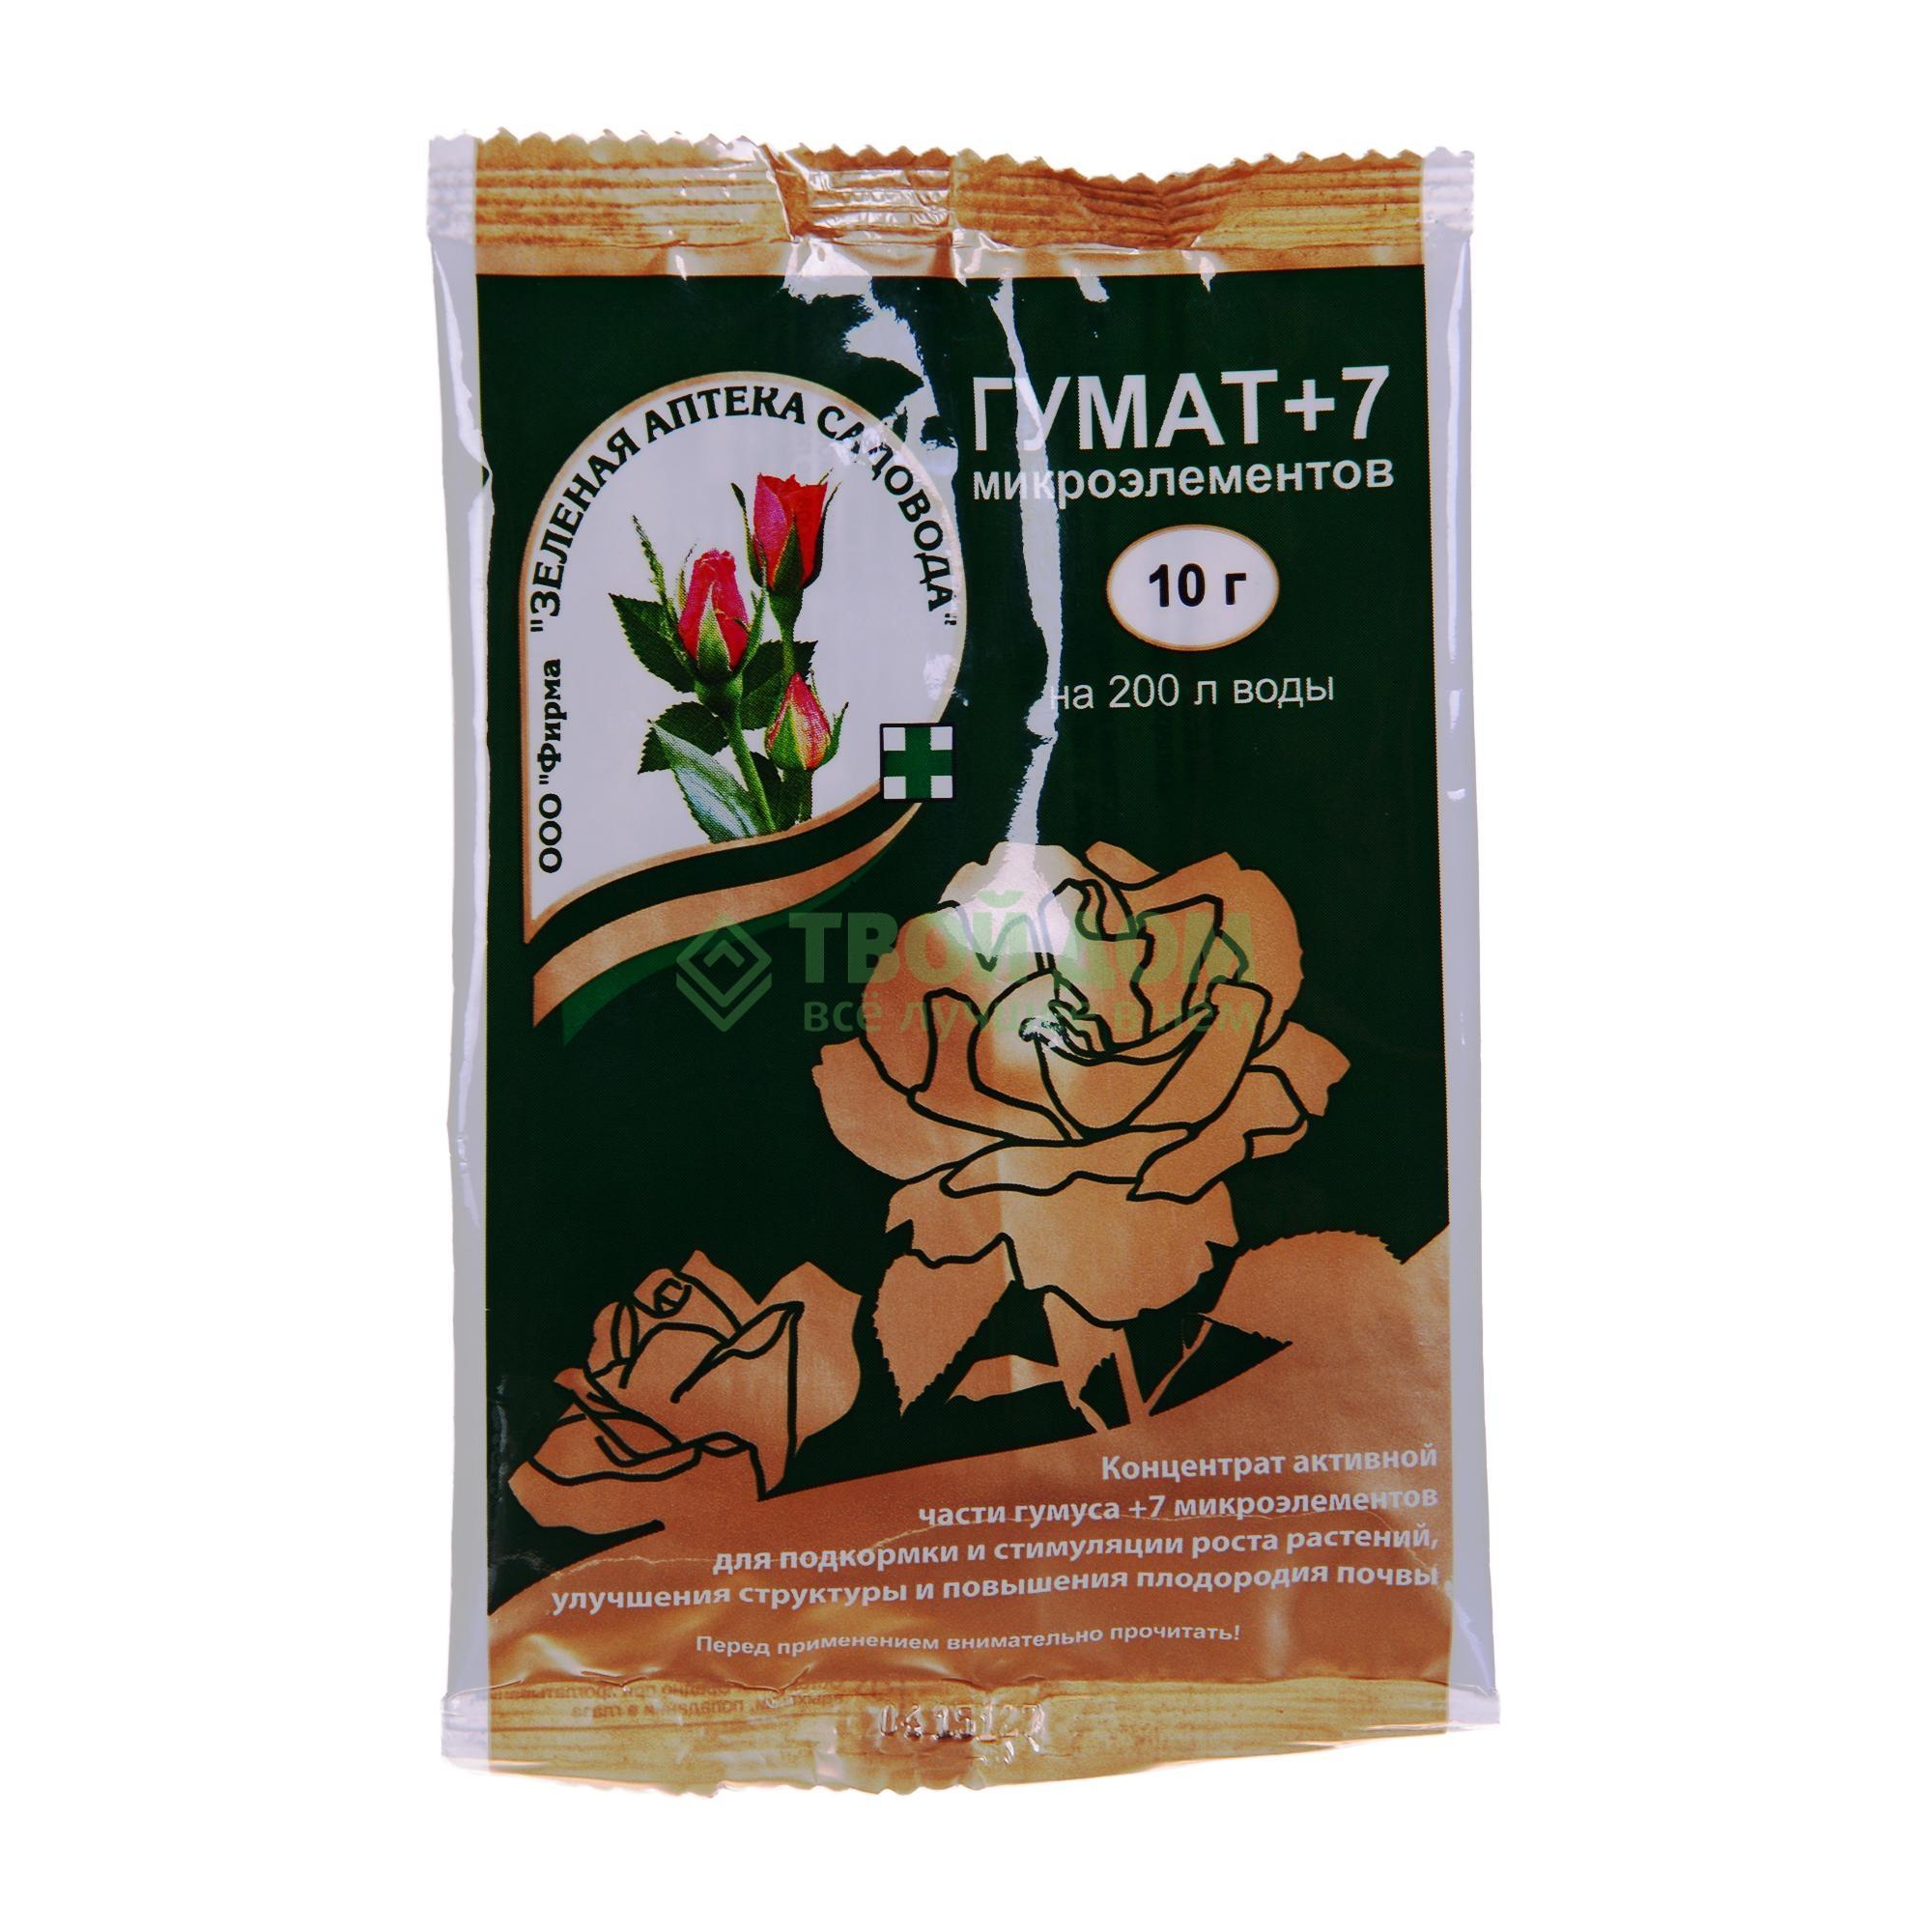 Удобрение Зеленая аптека садовода Гумат+7 10 г